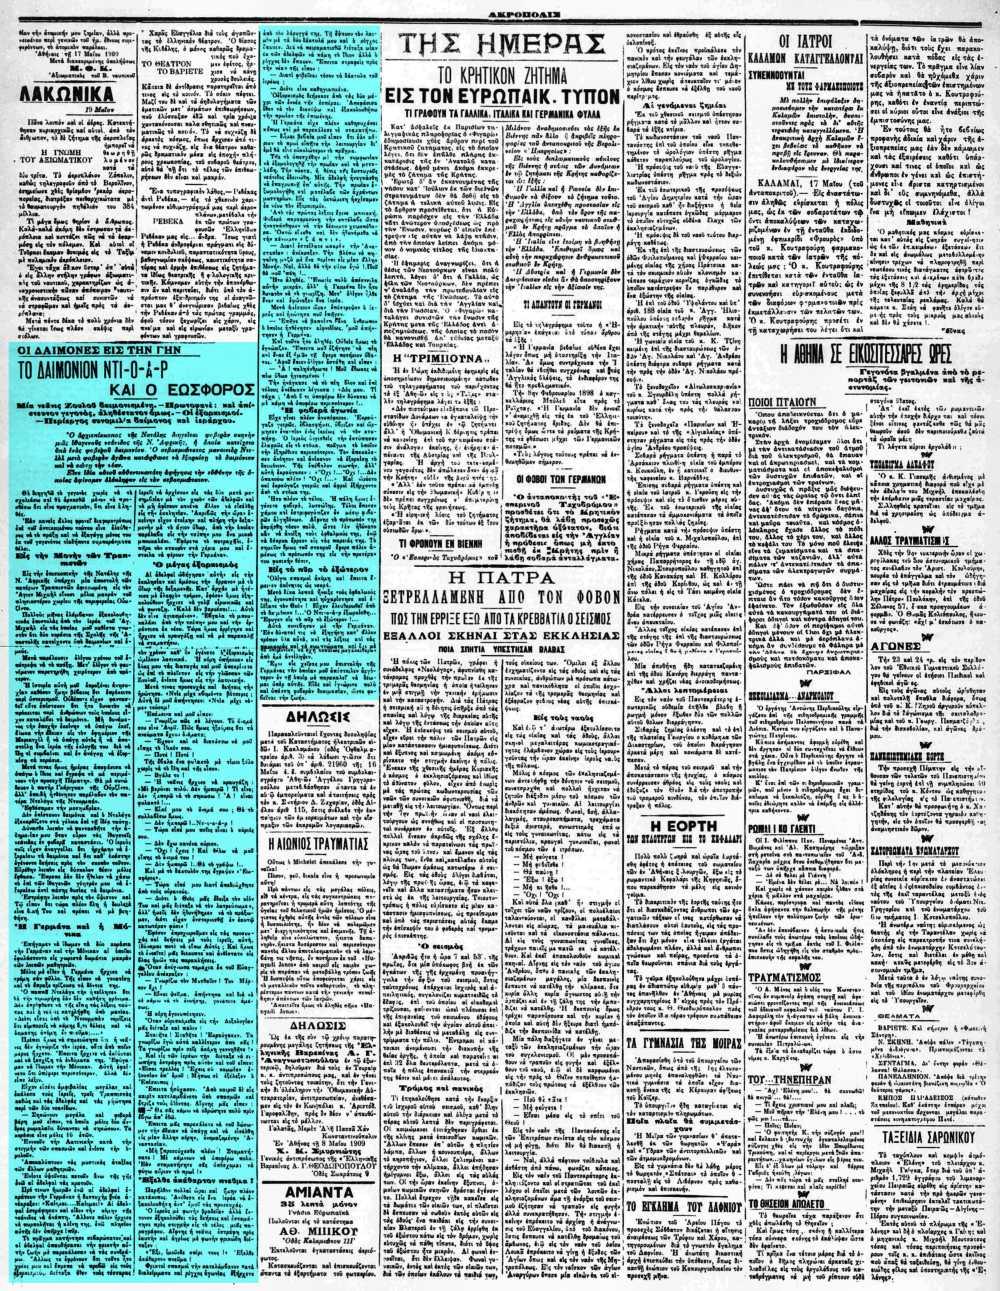 """Το άρθρο, όπως δημοσιεύθηκε στην εφημερίδα """"ΑΚΡΟΠΟΛΙΣ"""", στις 19/05/1909"""